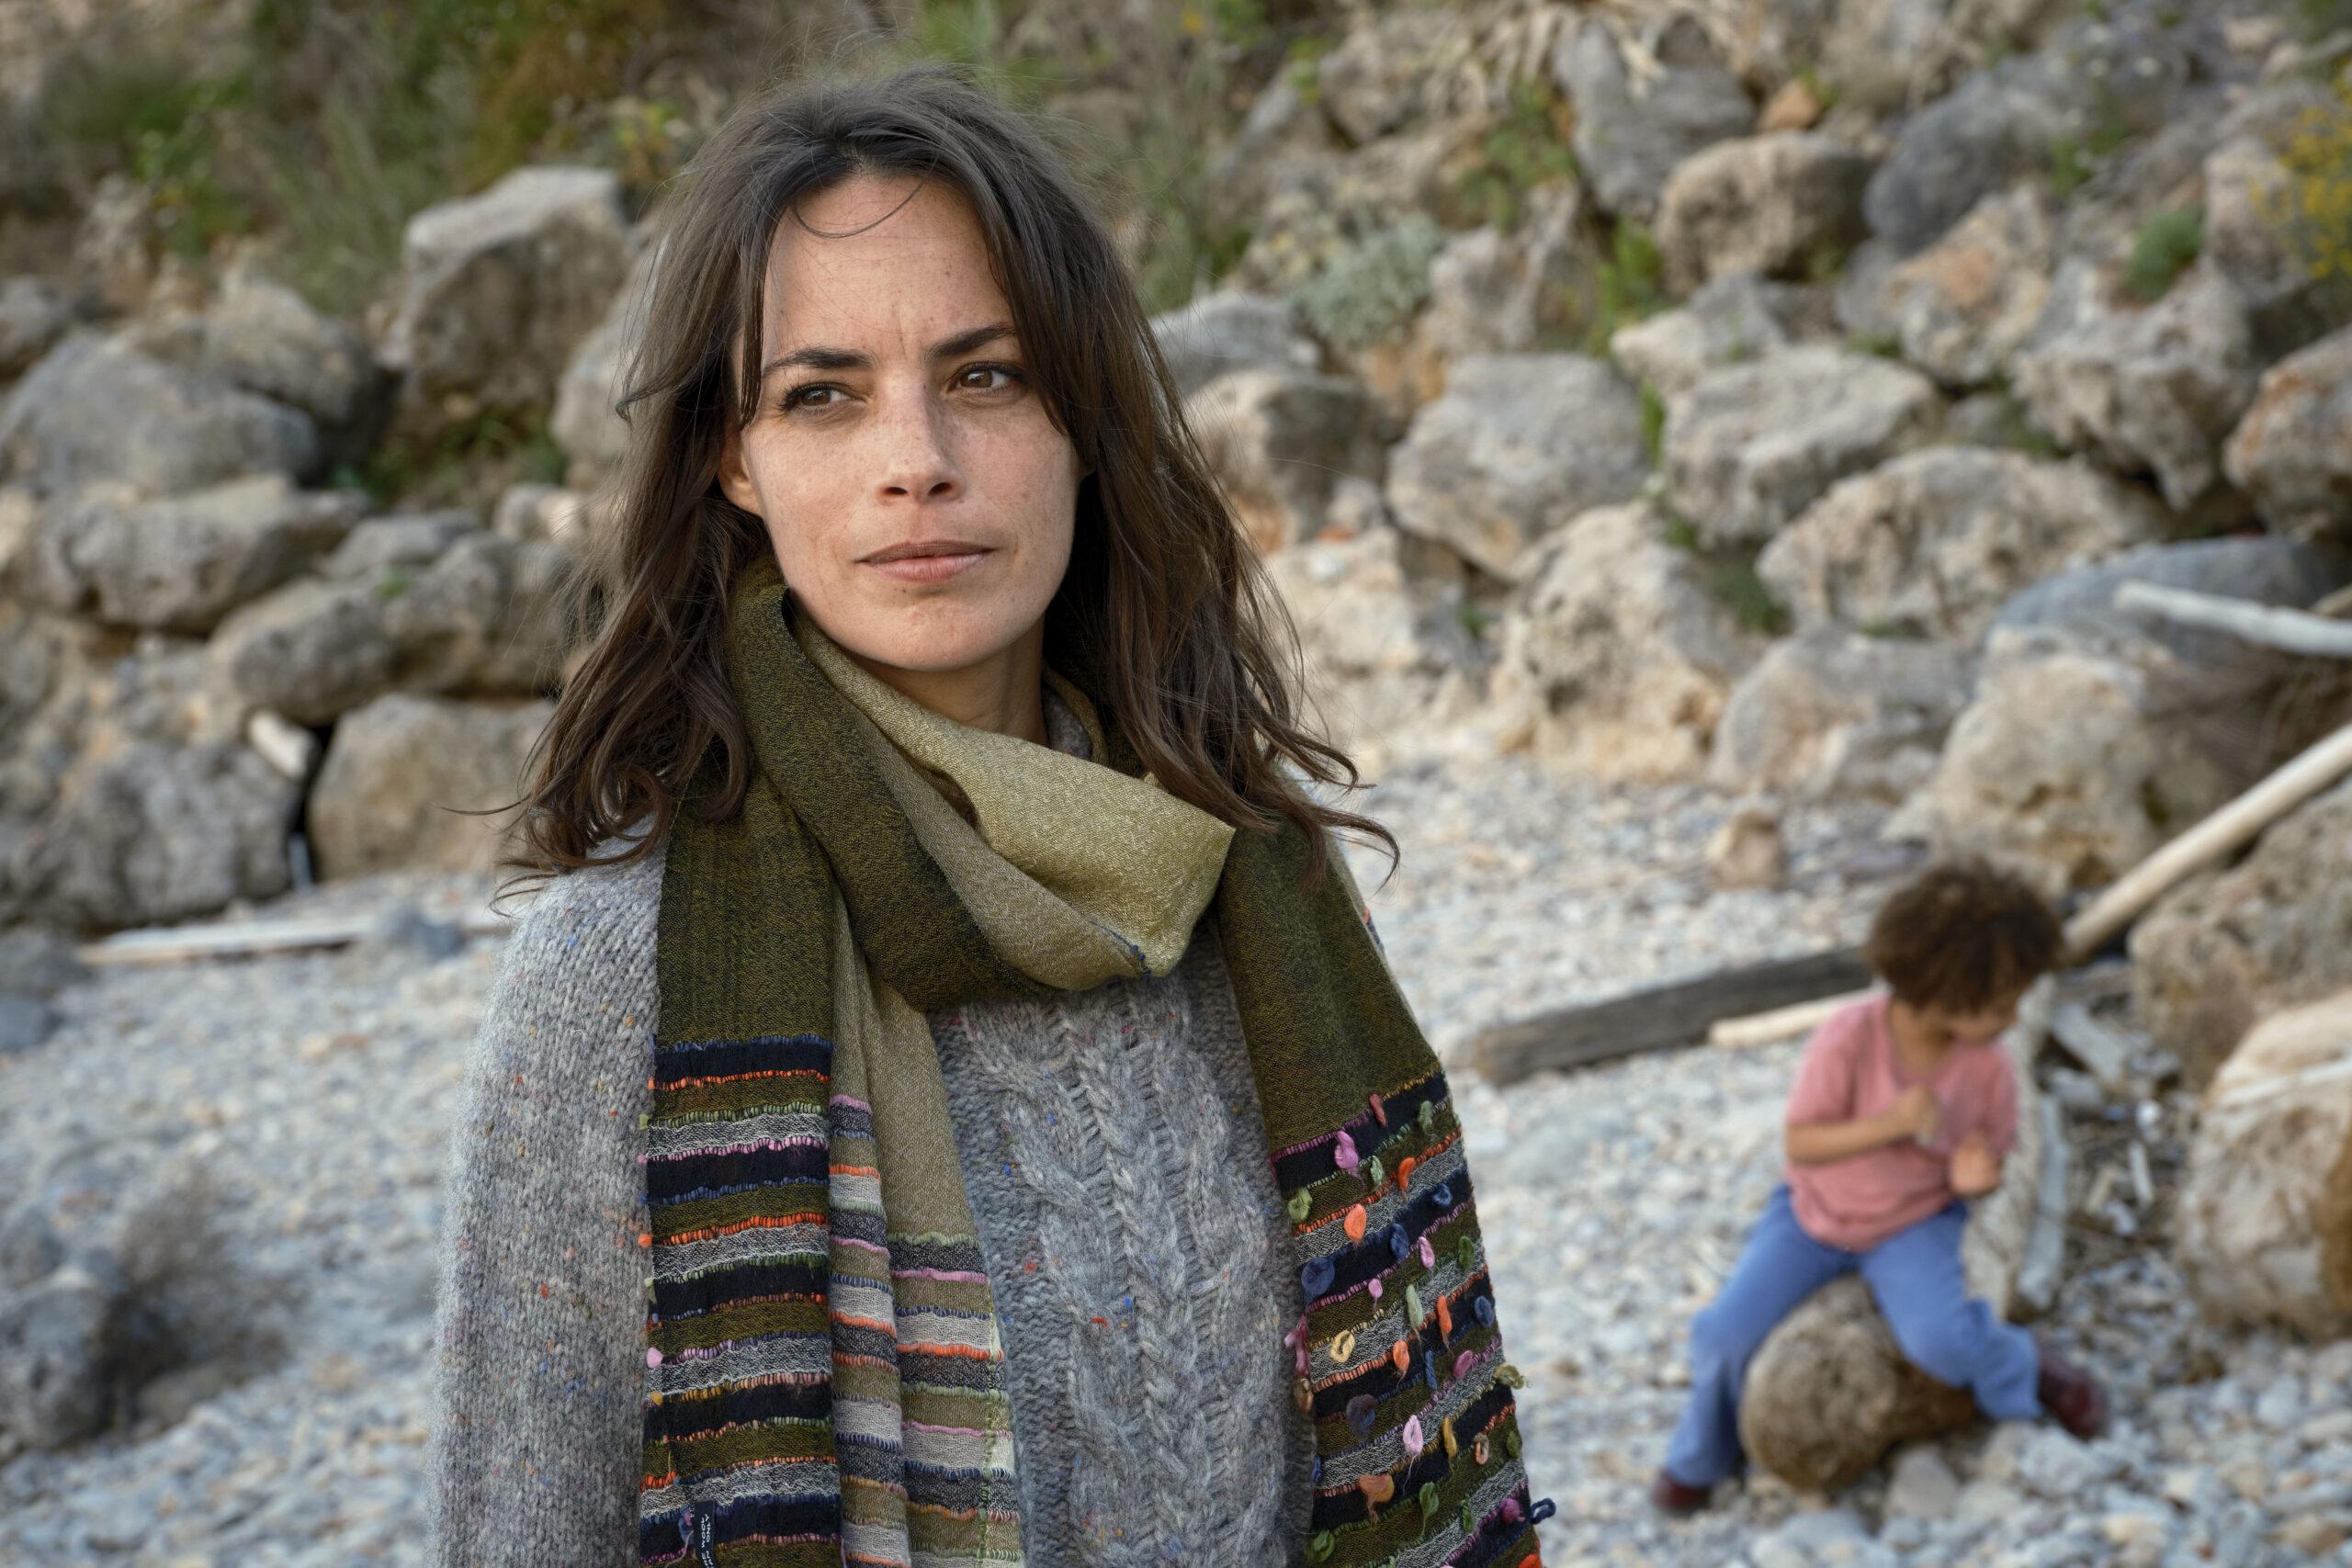 Colibrì: Berenice Bejo